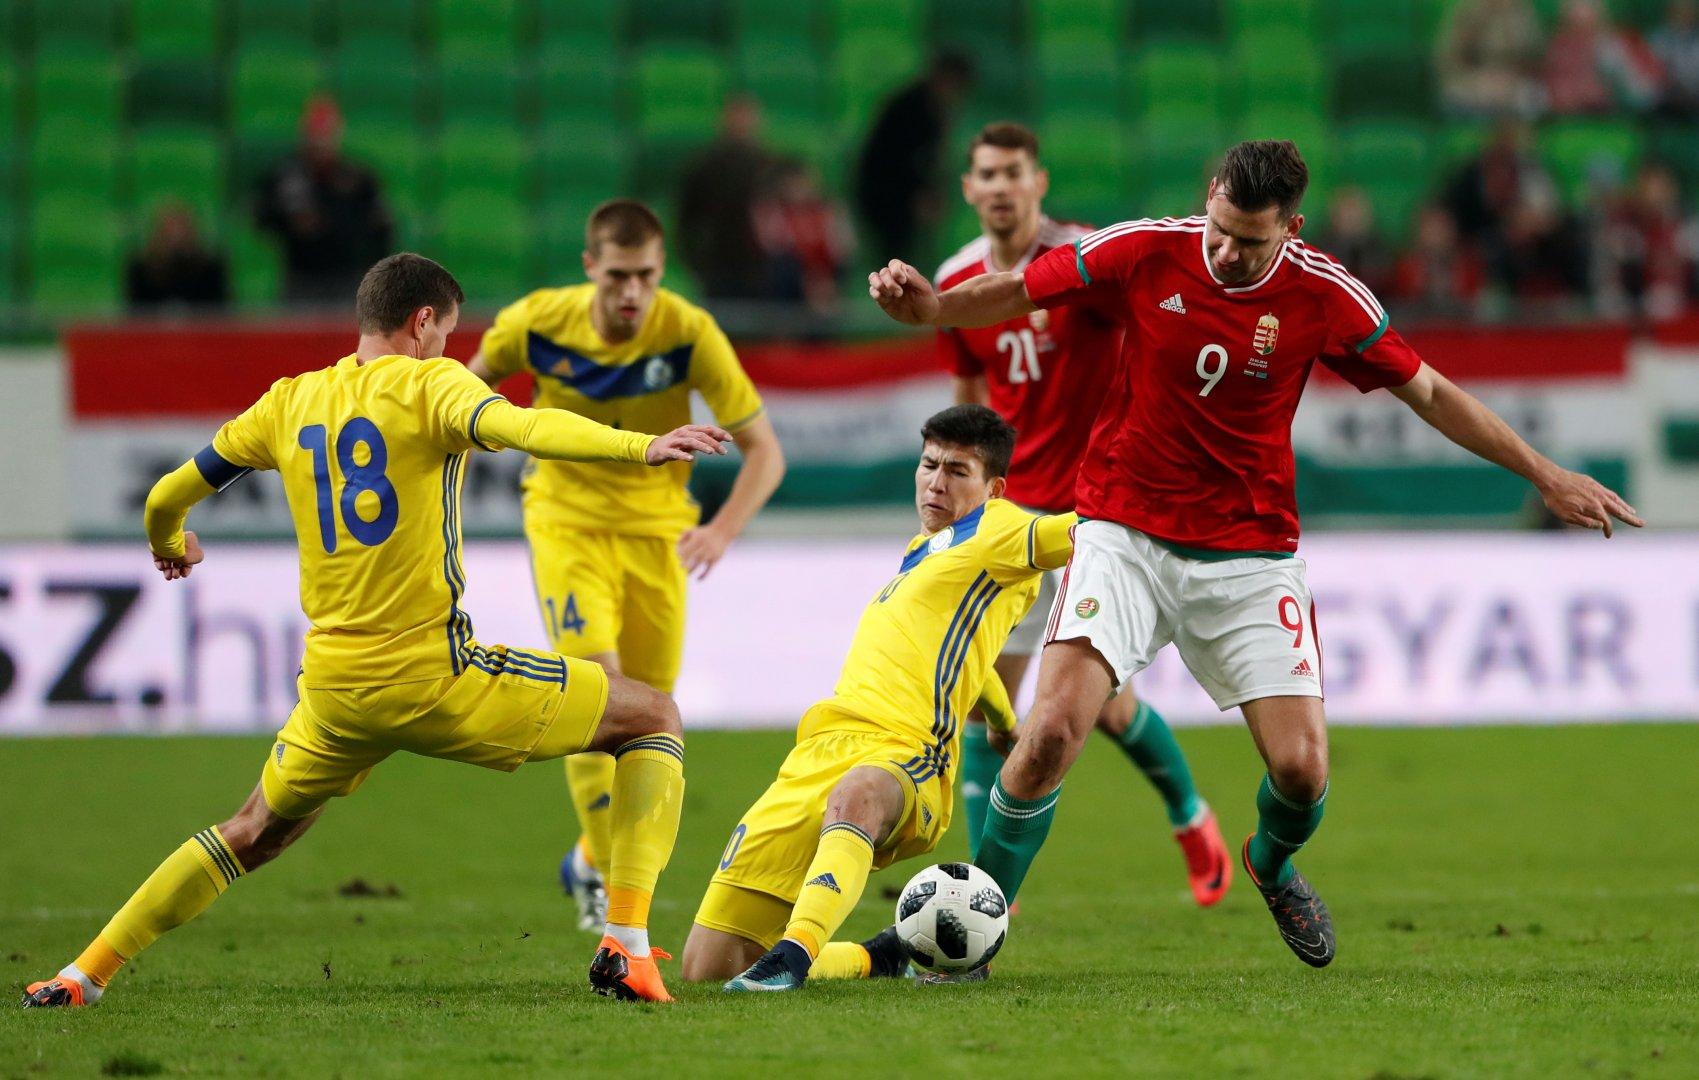 Надписью объявление, картинки казахстанских футболистов